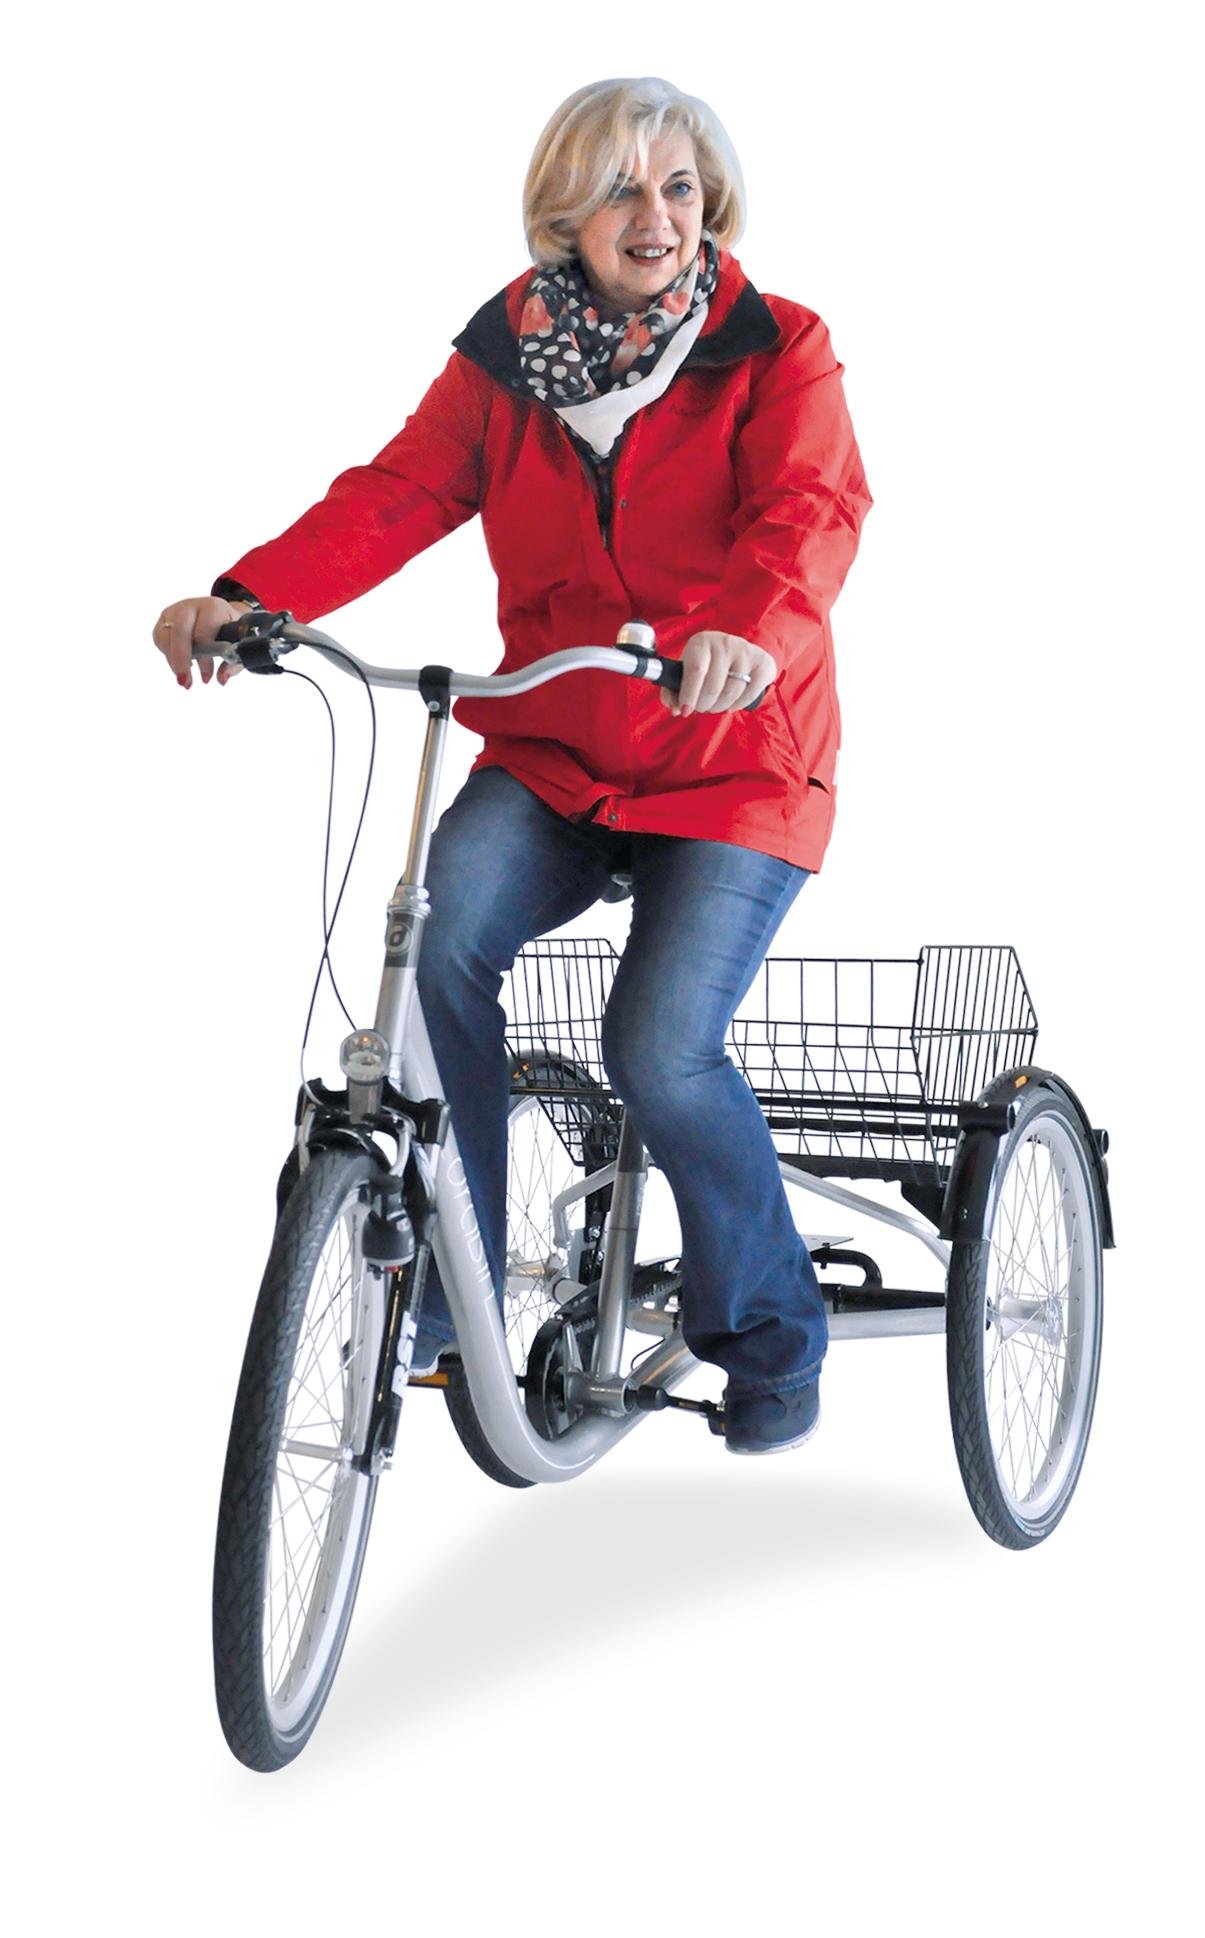 Gebraucht dreirad erwachsene Dreirad für